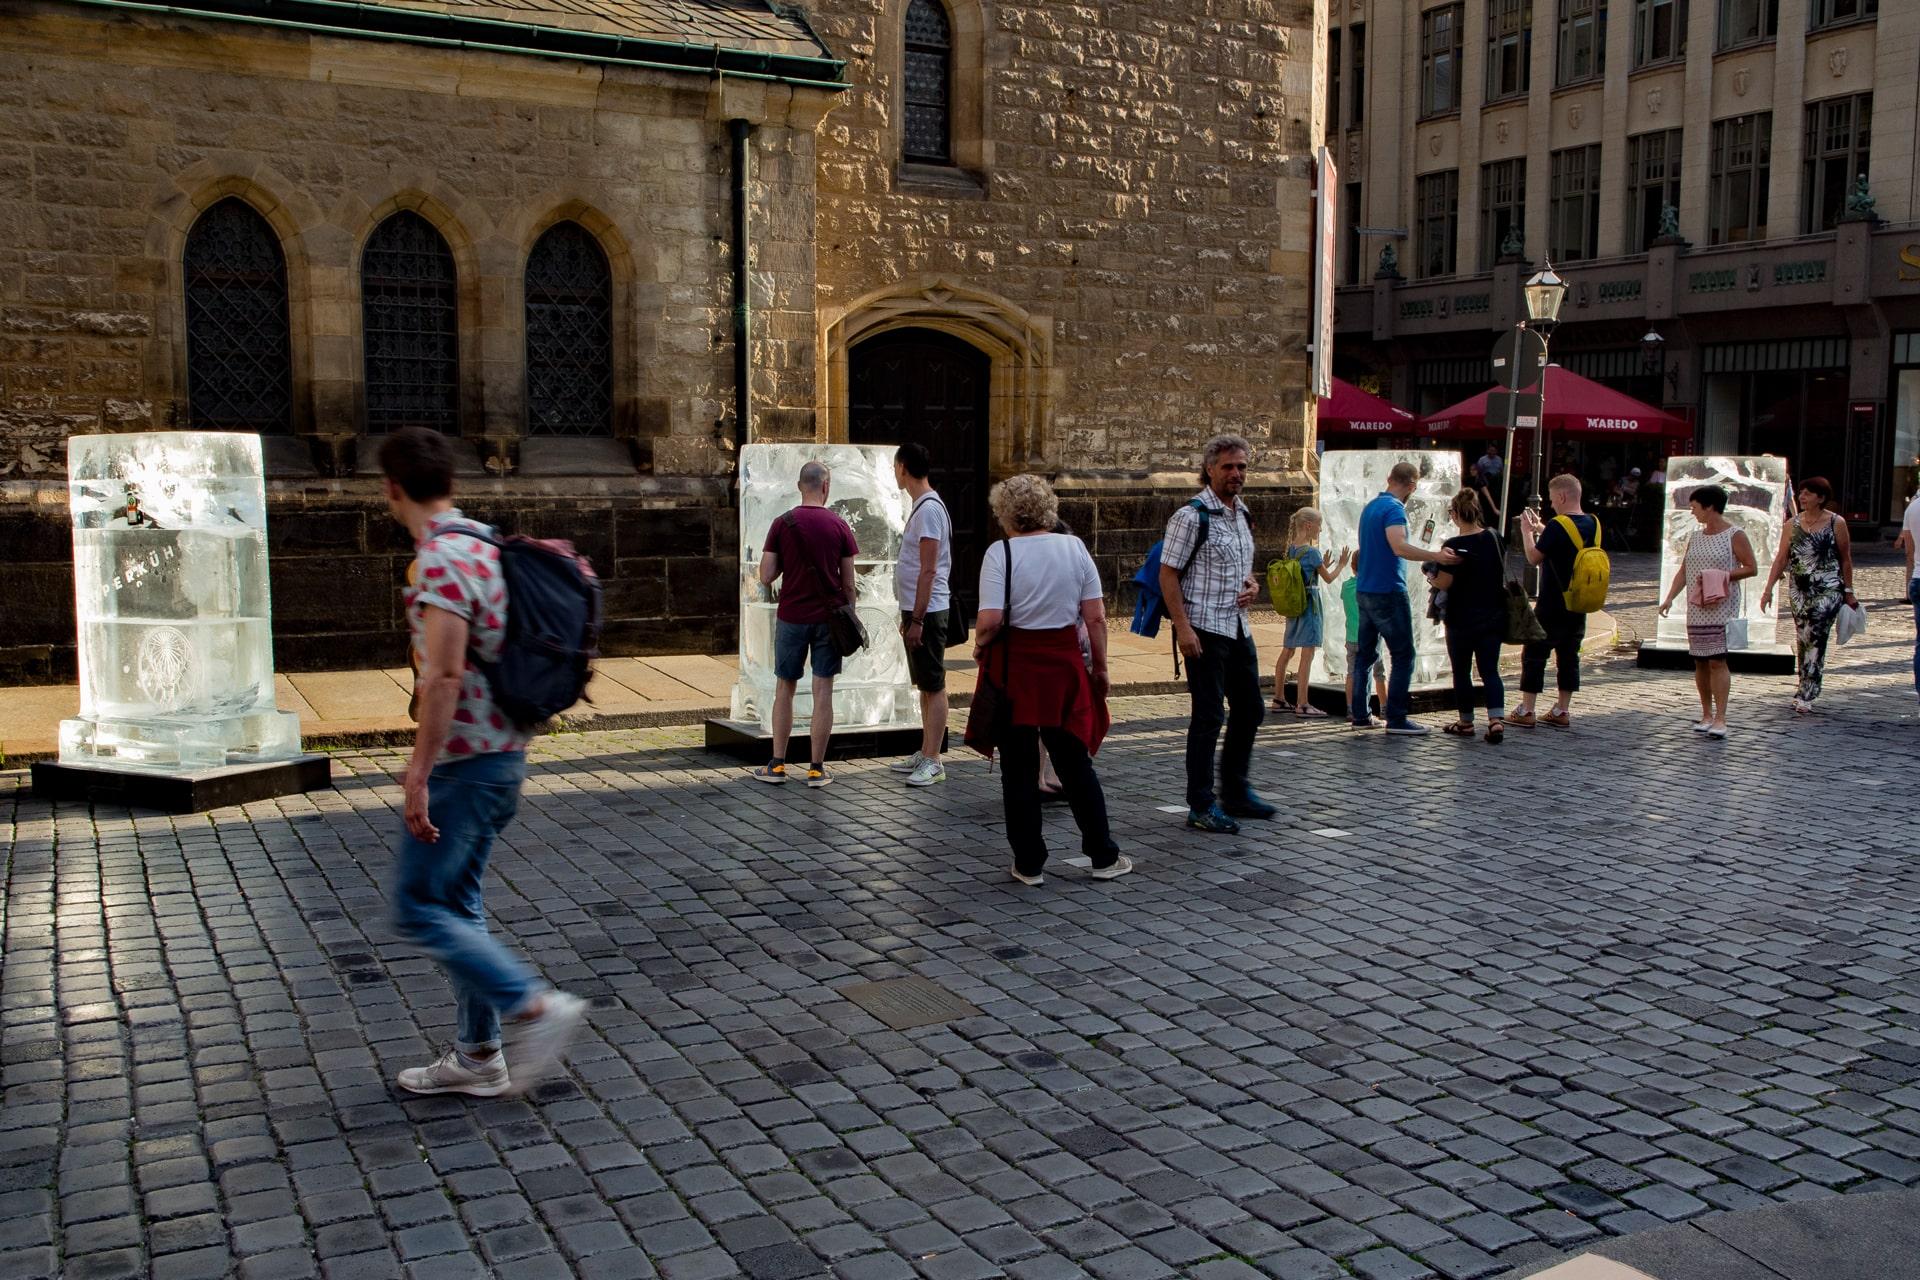 Vier Eisplakate von Jägermeister vor der Nicolaikirche in Leipzig - Passanten schauen auf die Eisplakatwerbung